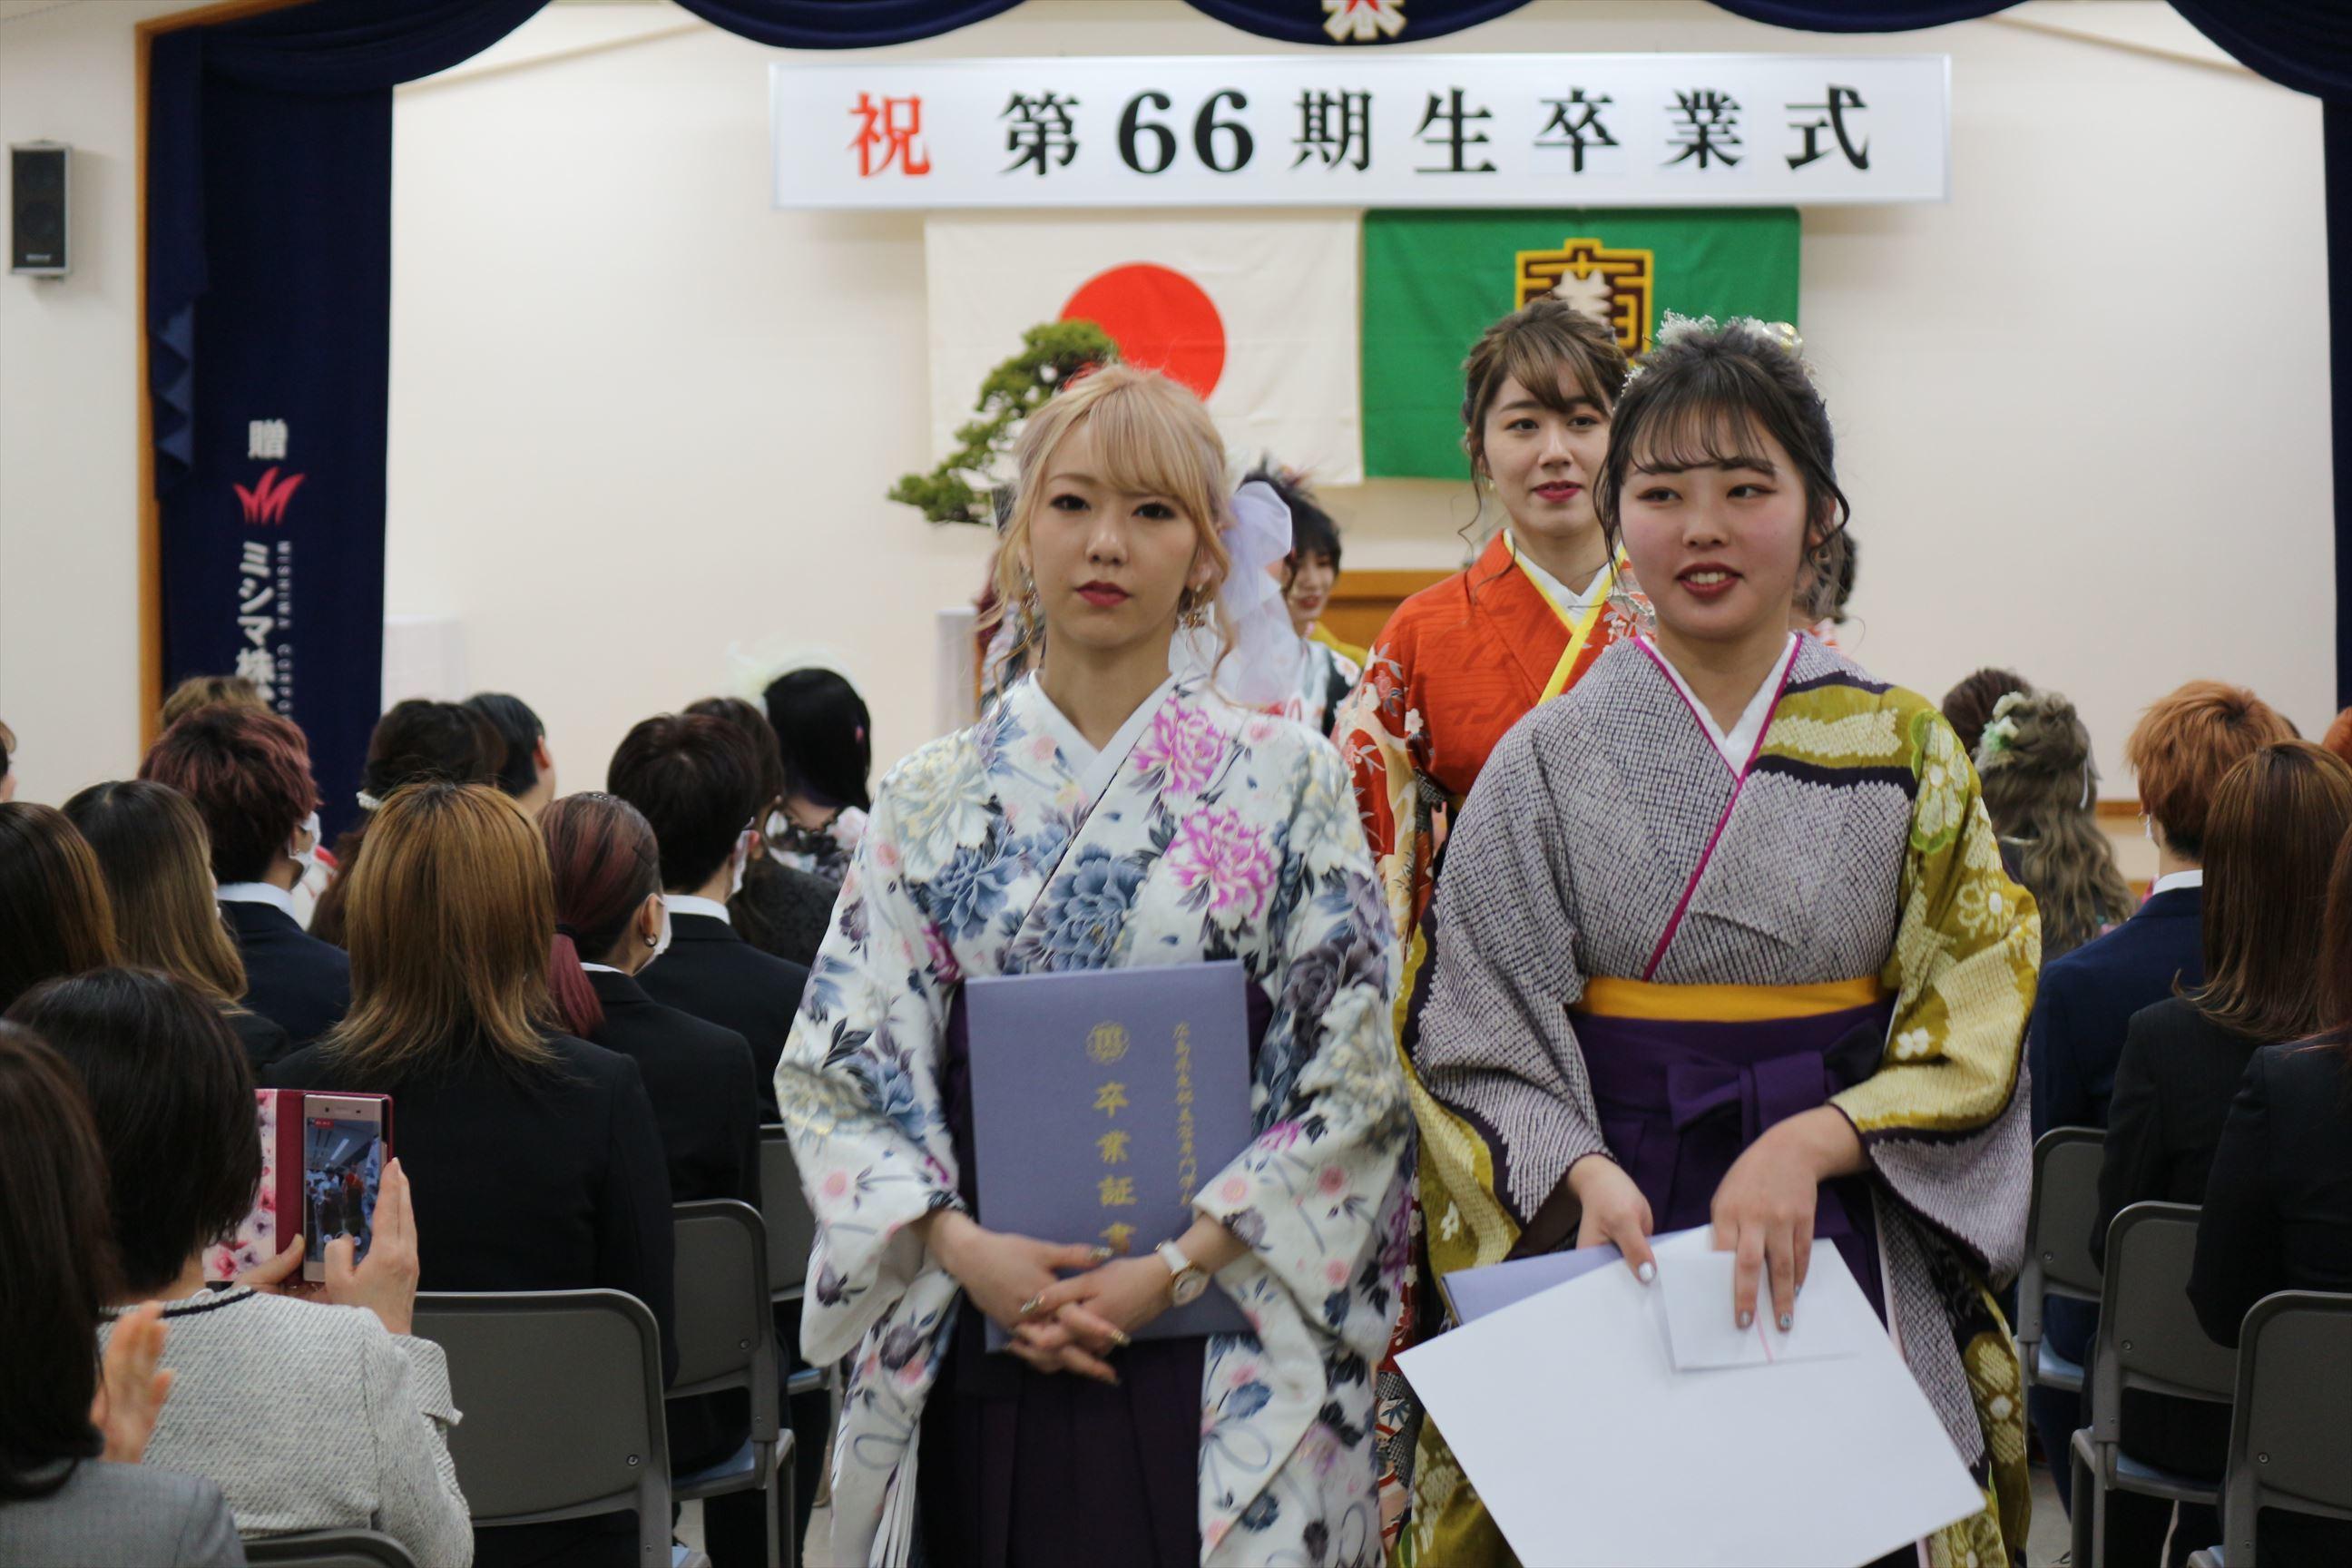 66期生卒業式⑫_R